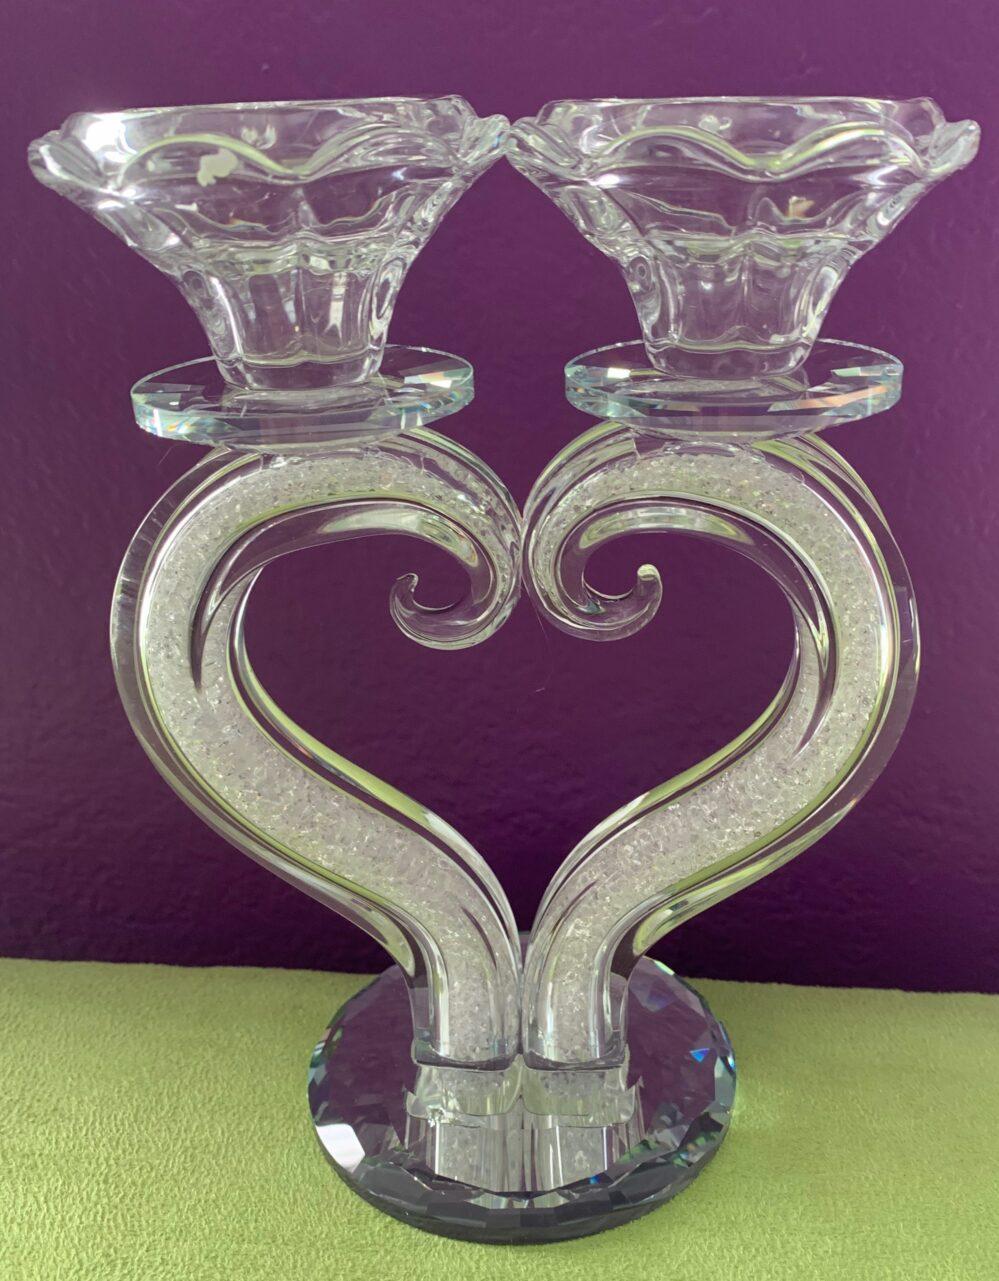 Swarovski Crystal Filled SABBATH CANDLE HOLDER Heart Shaped